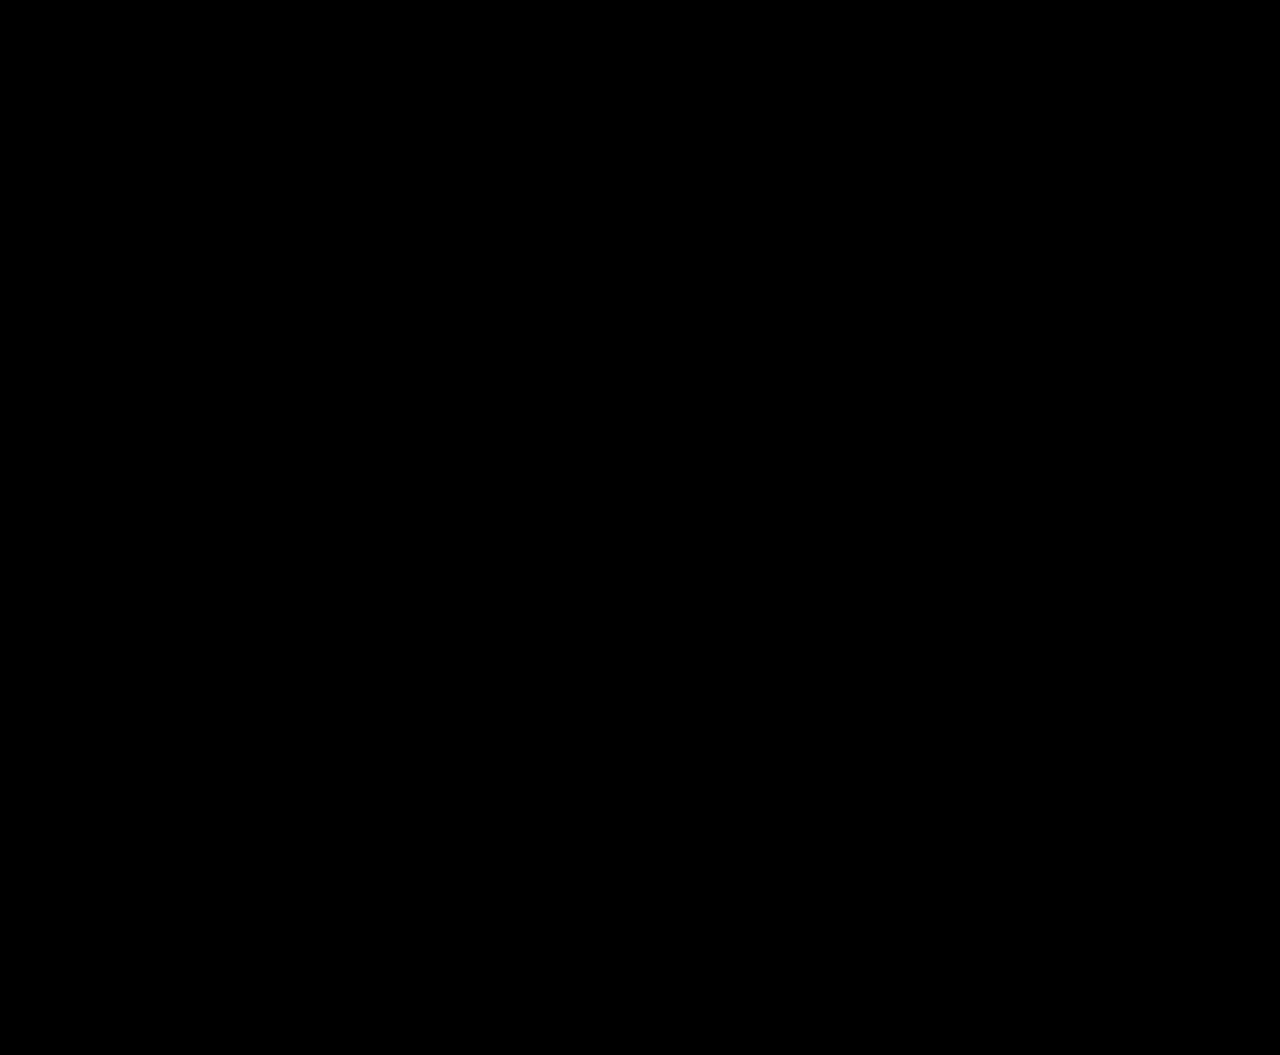 ゴーストオブツシマ